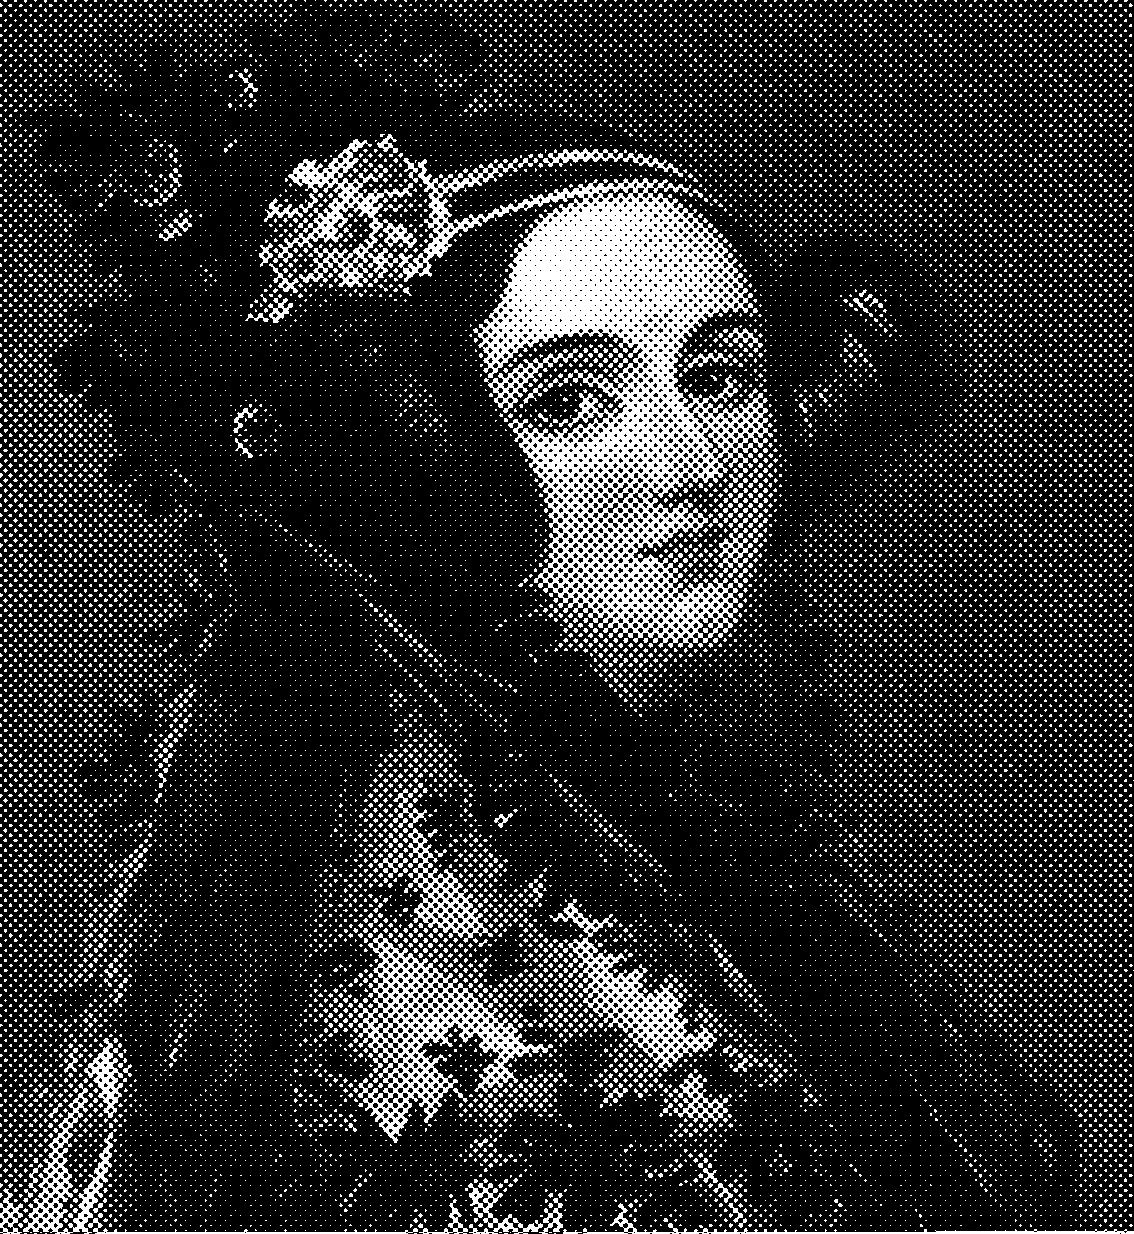 Augusta Ada King, Condesa de Lovelace  (nacida Augusta Ada Byron en  Londres ,  10 de diciembre  de  1815 - Londres ,  27 de noviembre  de  1852 ), conocida habitualmente como Ada Lovelace, fue una matemática y escritora británica cuya fama le viene principalmente por su trabajo sobre la máquina calculadora mecánica de uso general de  Charles Babbage , la denominada  máquina analítica . Entre sus notas sobre la máquina se encuentra lo que se reconoce hoy como el primer algoritmo destinado a ser procesado por una máquina, por lo que se la considera como la primera programadora de ordenadores.